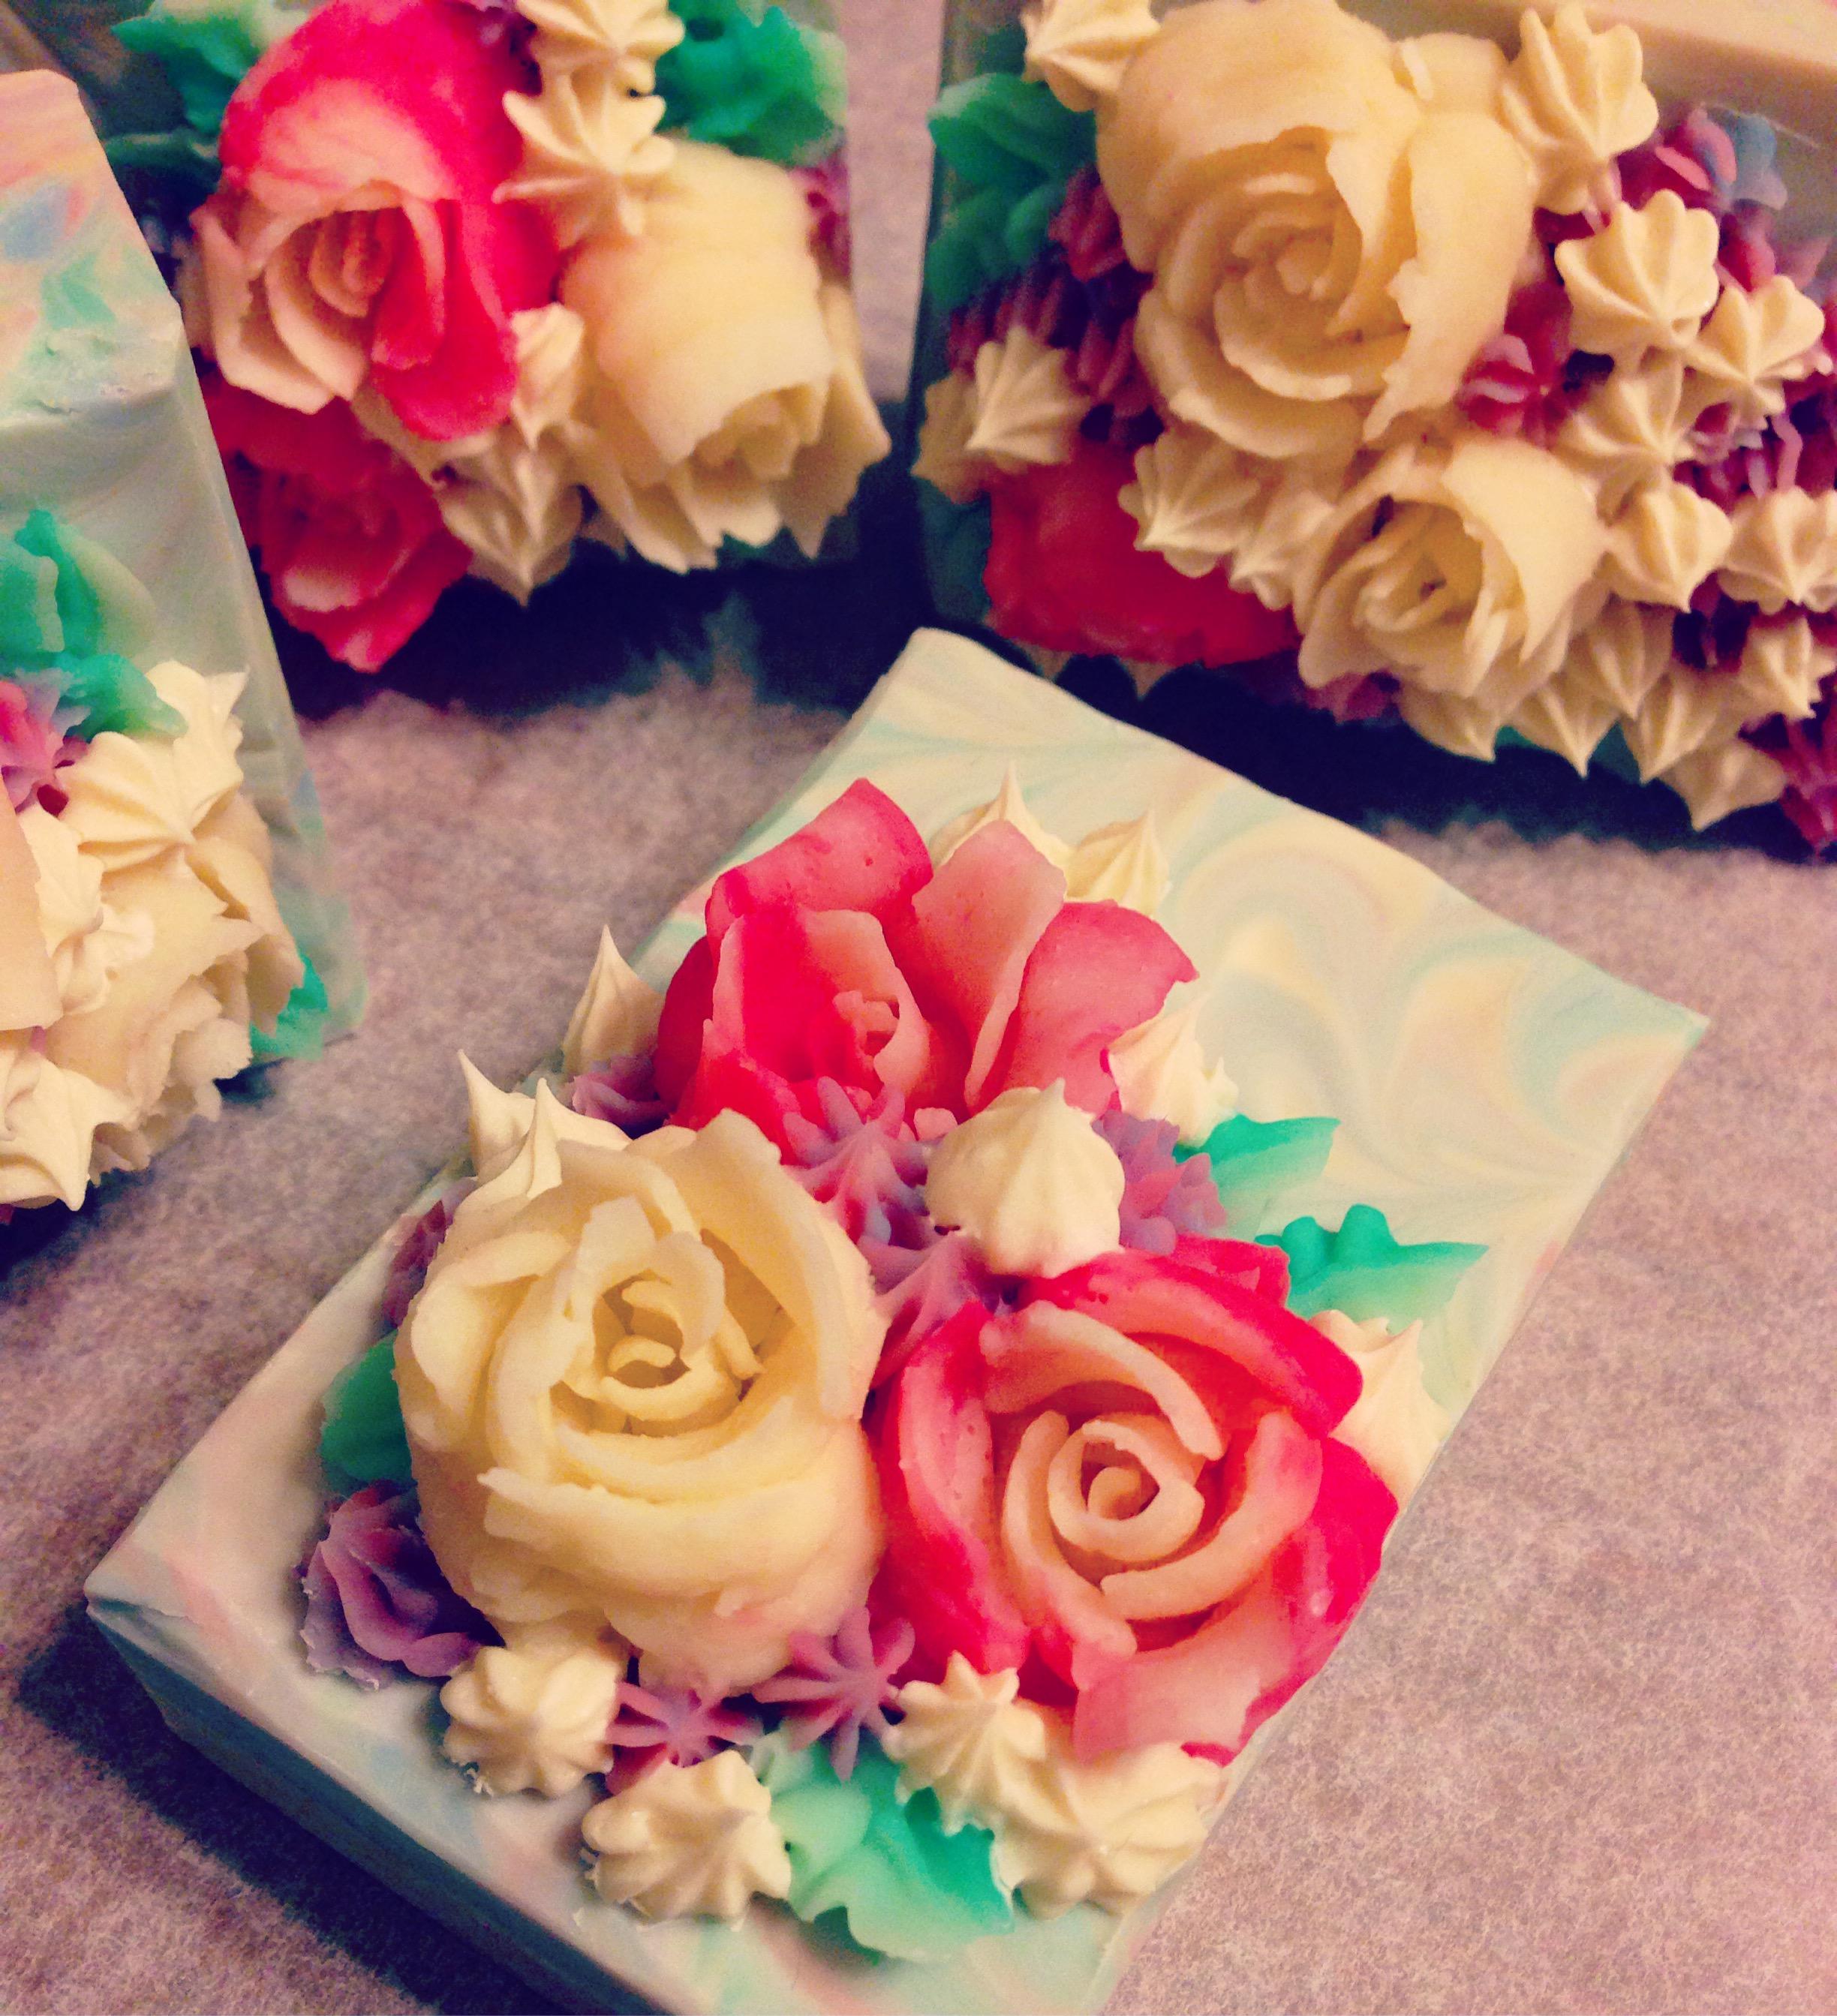 sweet escape rose garden